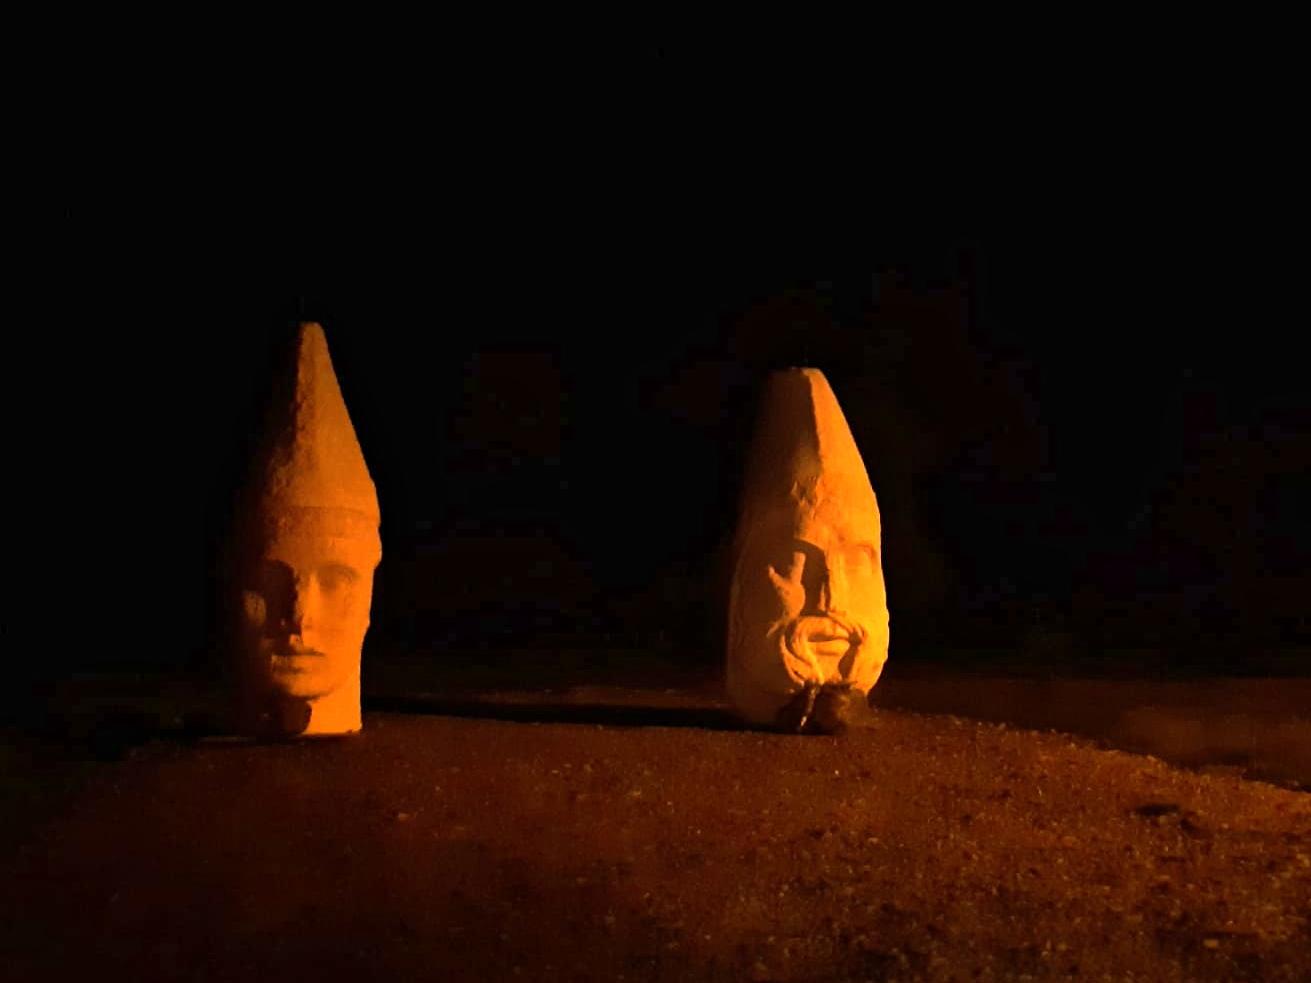 Aşı Koyu yolundaki gizemli heykeller görenleri şaşırttı